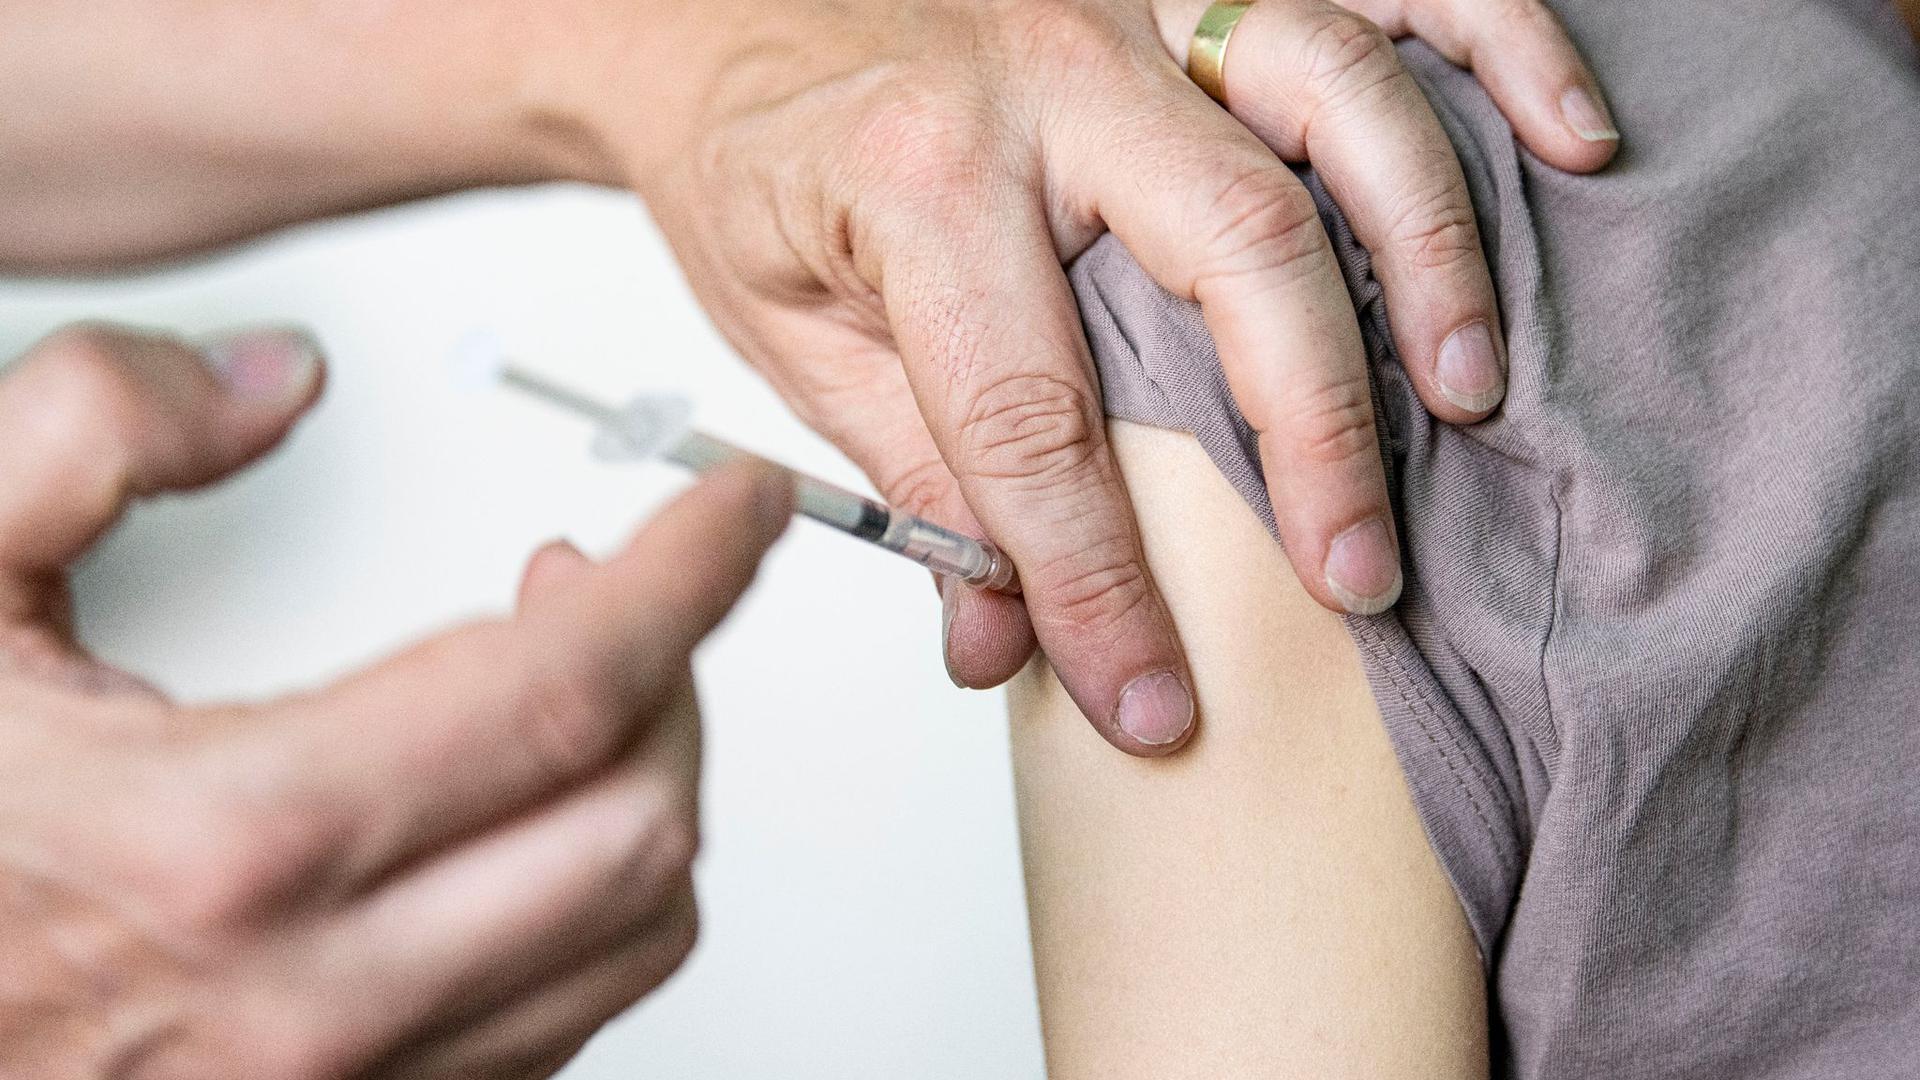 Ein Kinder- und Jugendarzt impft eine junge Frau mit dem Corona-Impfstoff Comirnaty von Biontech/Pfizer.